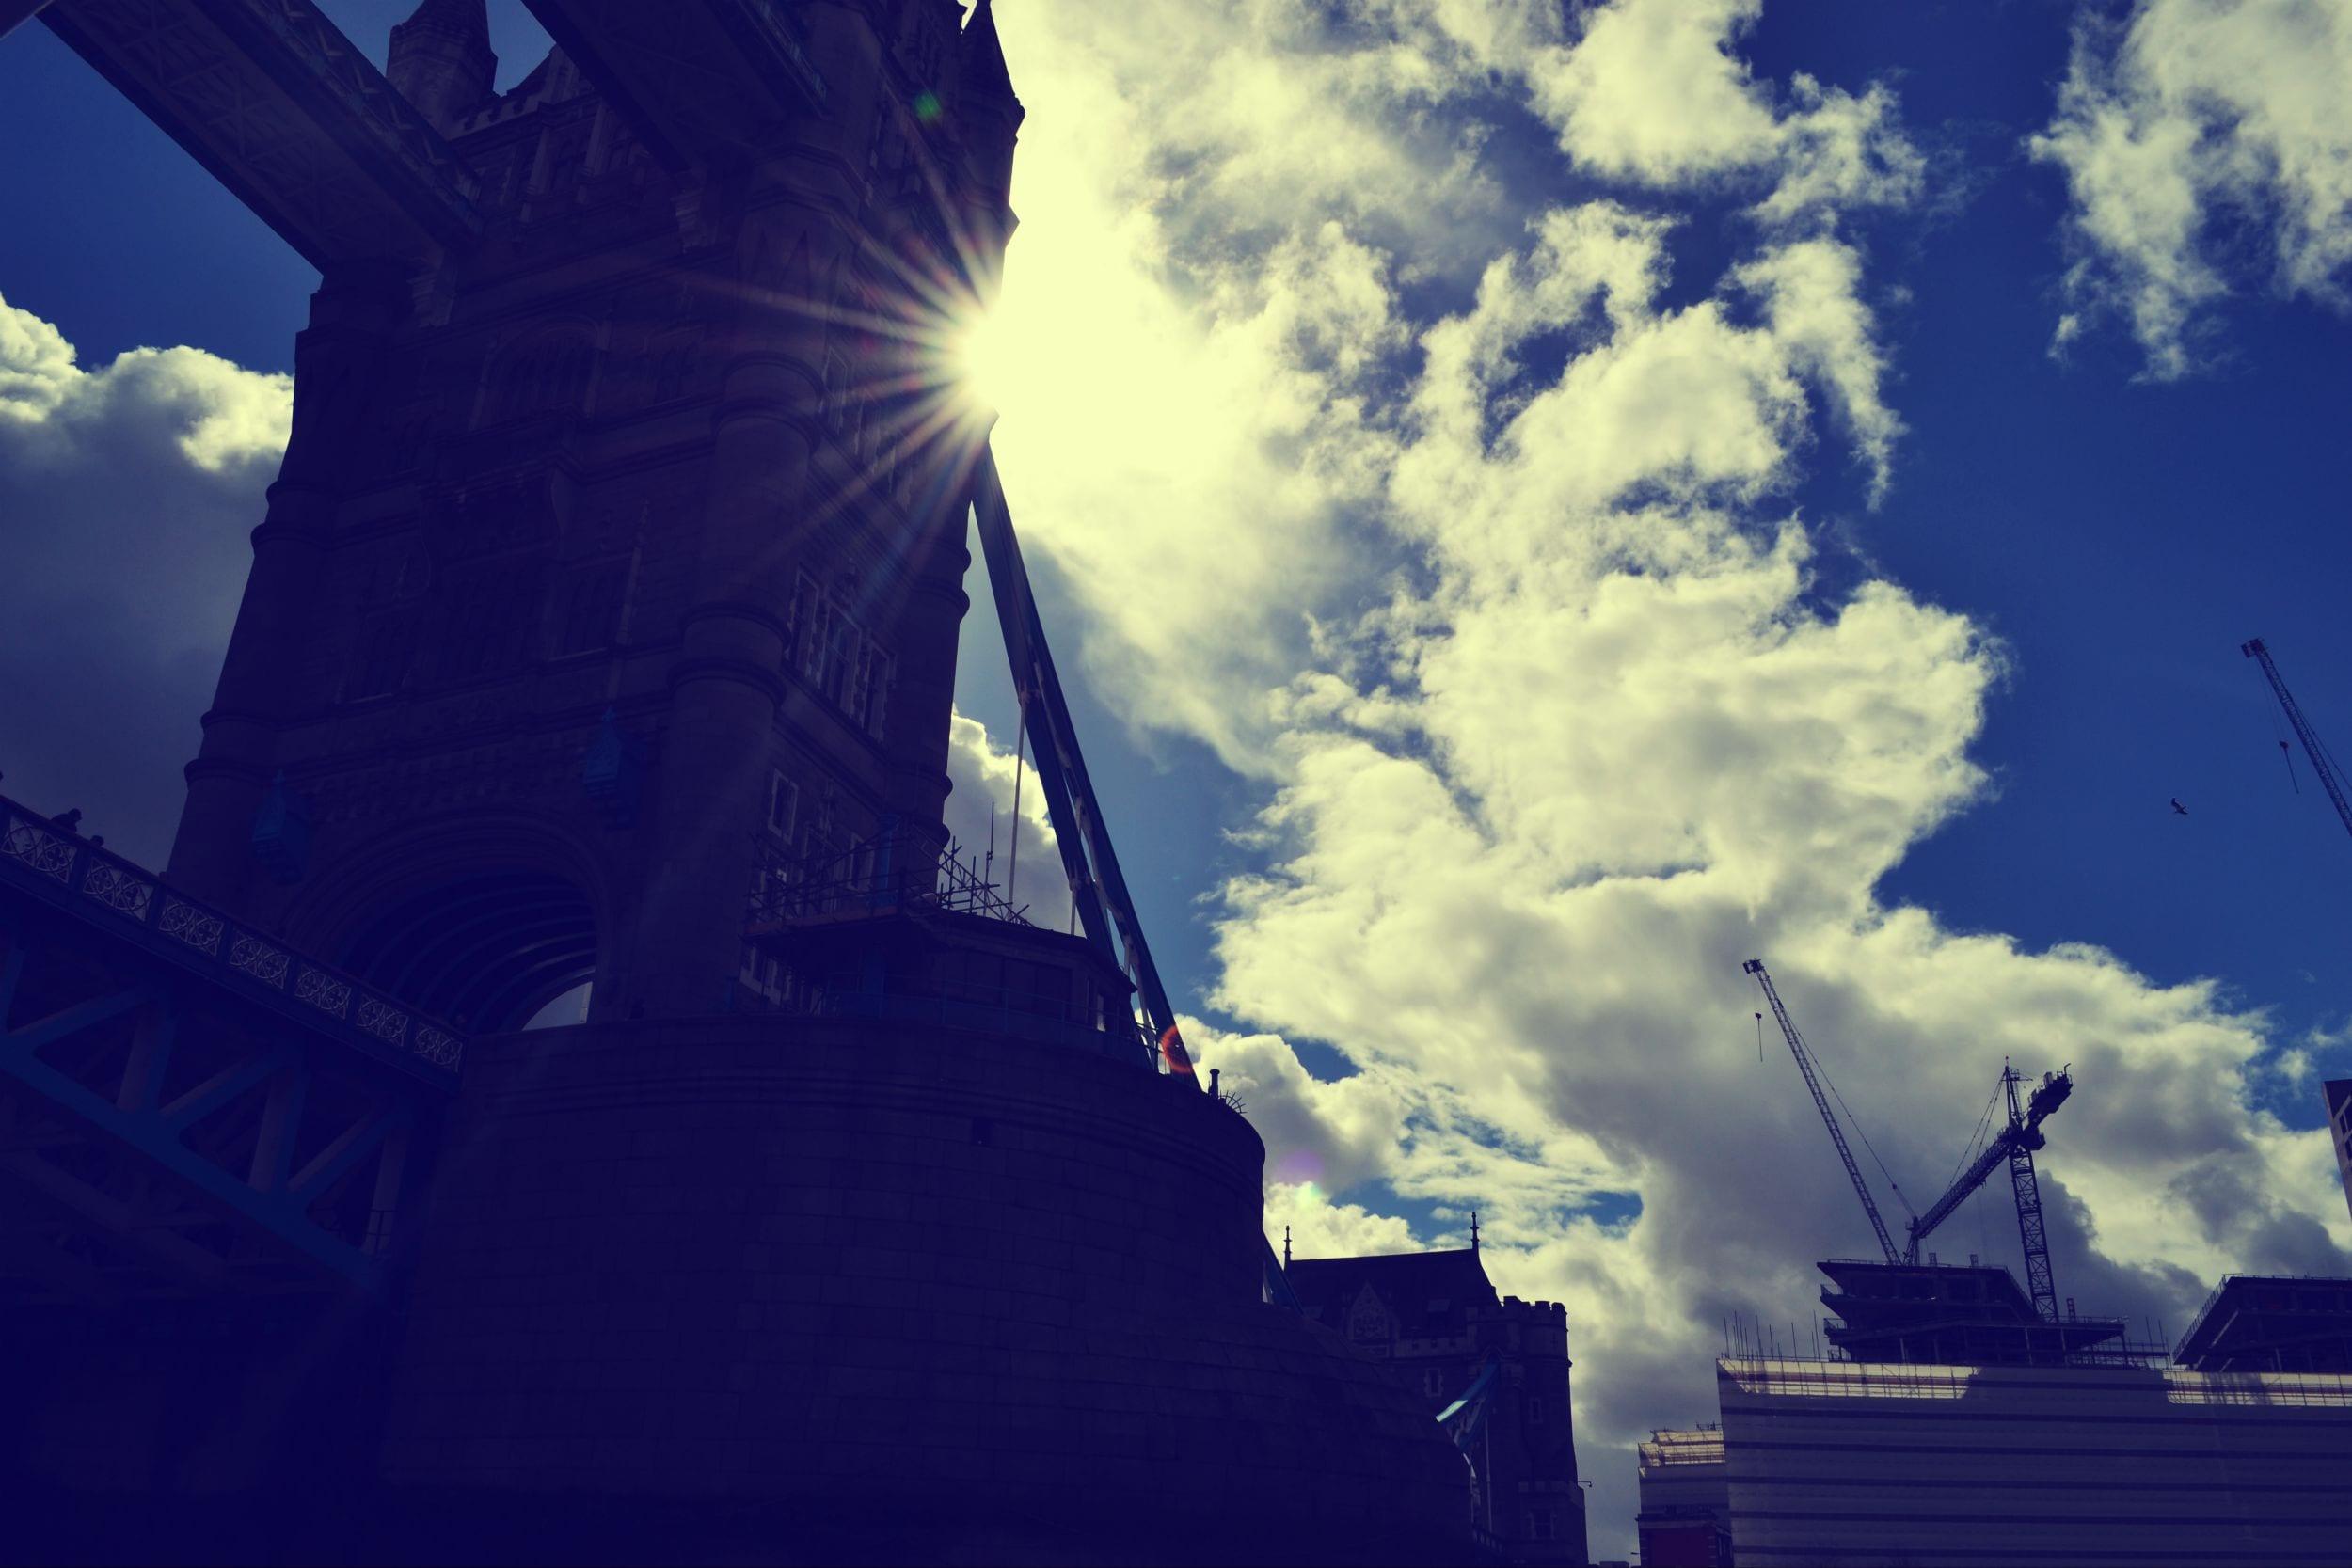 Towerbridge von der Themse aus